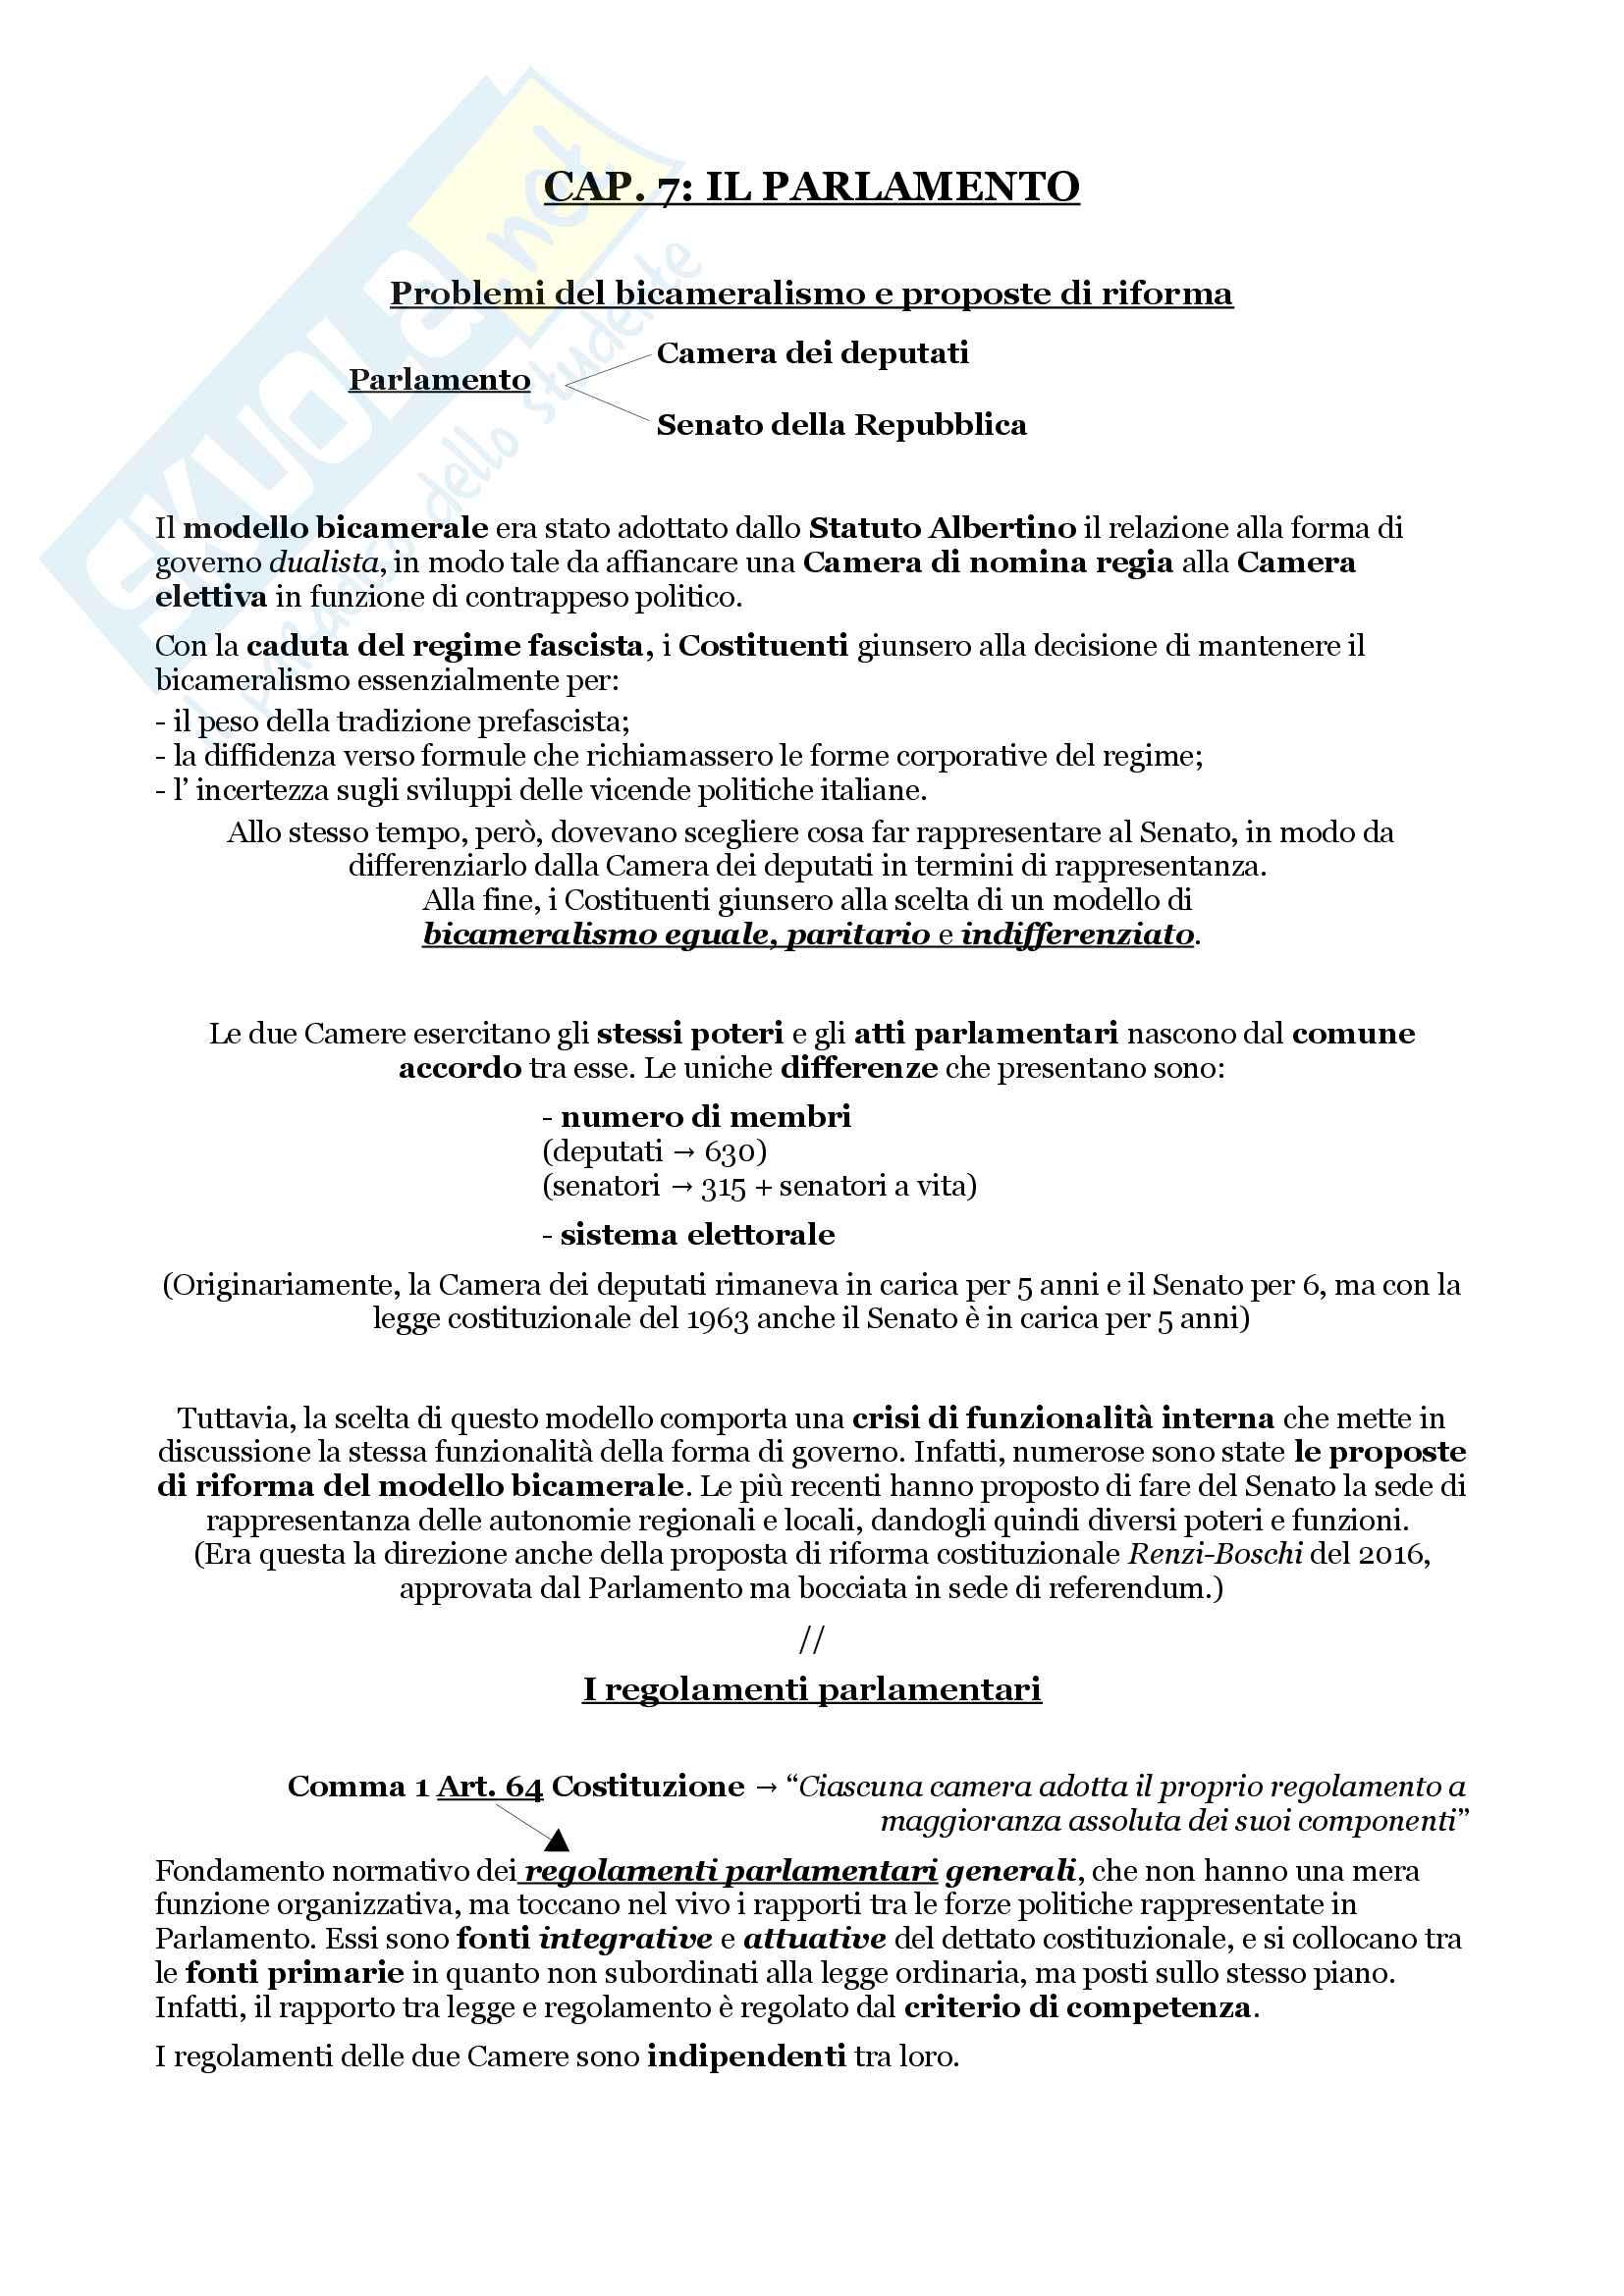 Schemi riassuntivi di istituzioni di diritto pubblico (libro di riferimento: Diritto costituzionale e pubblico, Carretti, De Siervo)